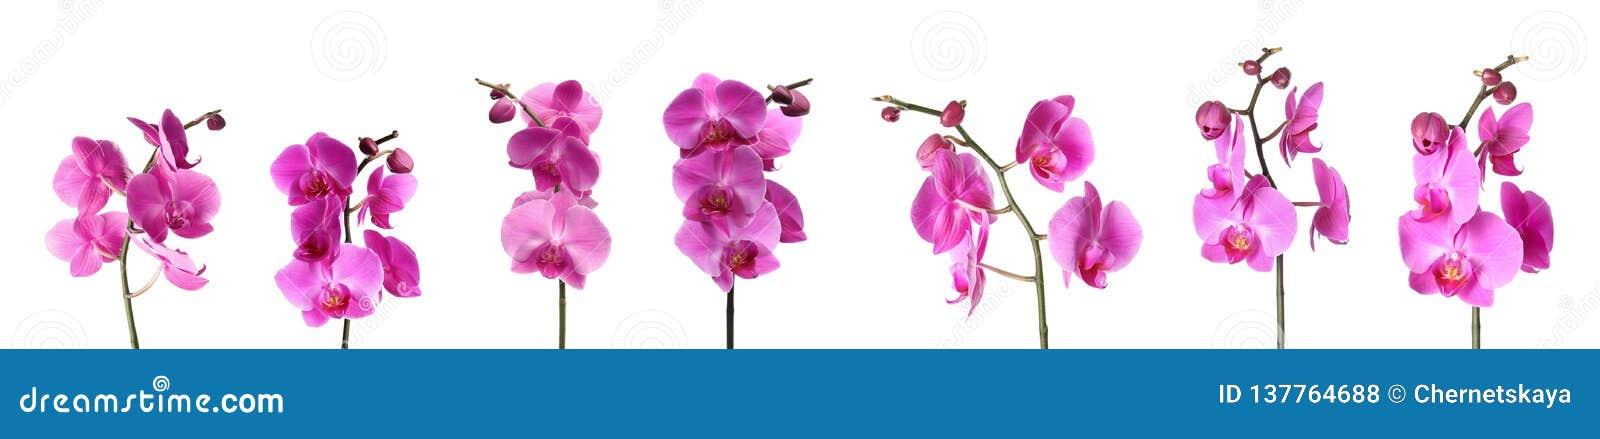 Set of beautiful purple orchid phalaenopsis flowers